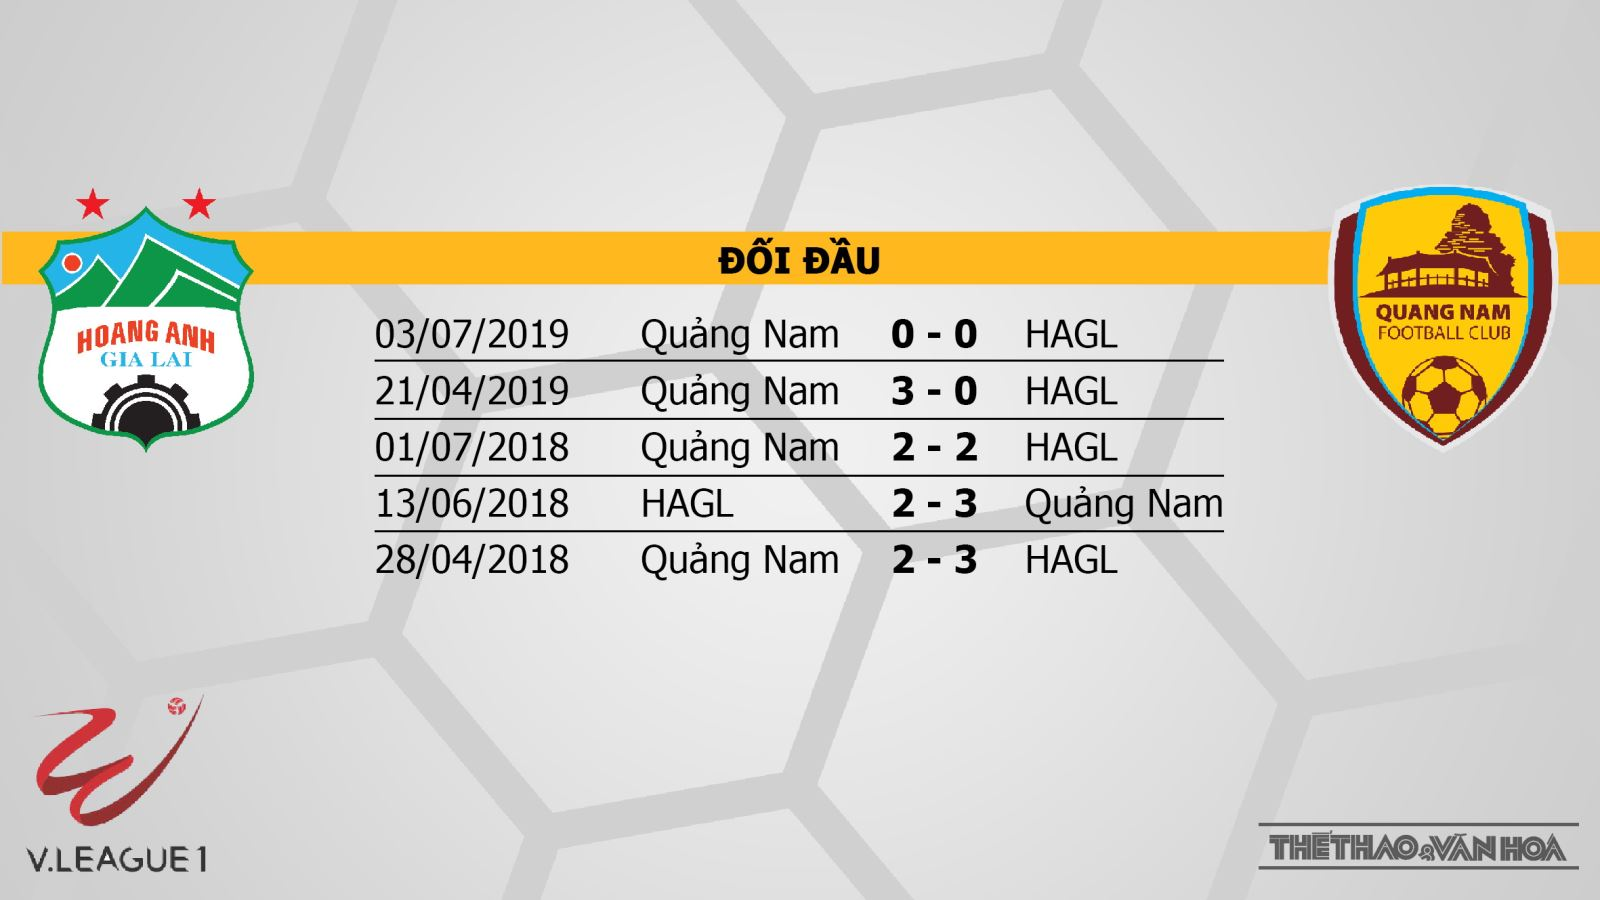 truc tiep bong da, trực tiếp bóng đá, HAGL vs Quảng Nam, HAGL đấu với Quảng Nam, HAGL, Quảng Nam, xem bóng đá, bảng xếp hạng V League 2019, lịch thi đấu V League